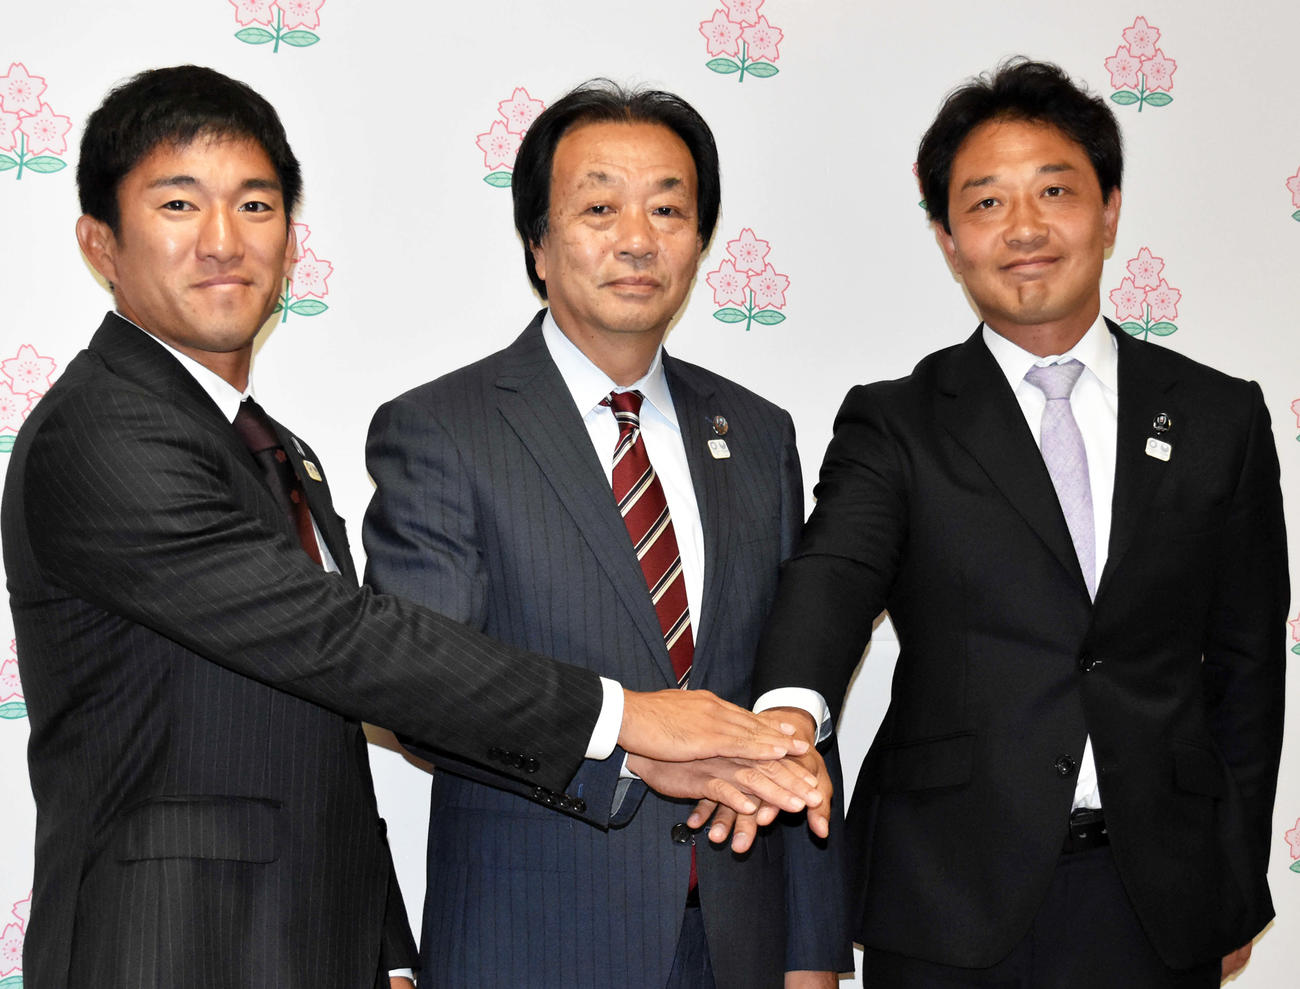 東京五輪に向けて強化方針を発表した男女7人制日本代表強化委員の本城和彦委員長(中央)。右は男子の岩淵健輔ヘッドコーチ、左は女子の稲田仁ヘッドコーチ(撮影・佐々木隆史)